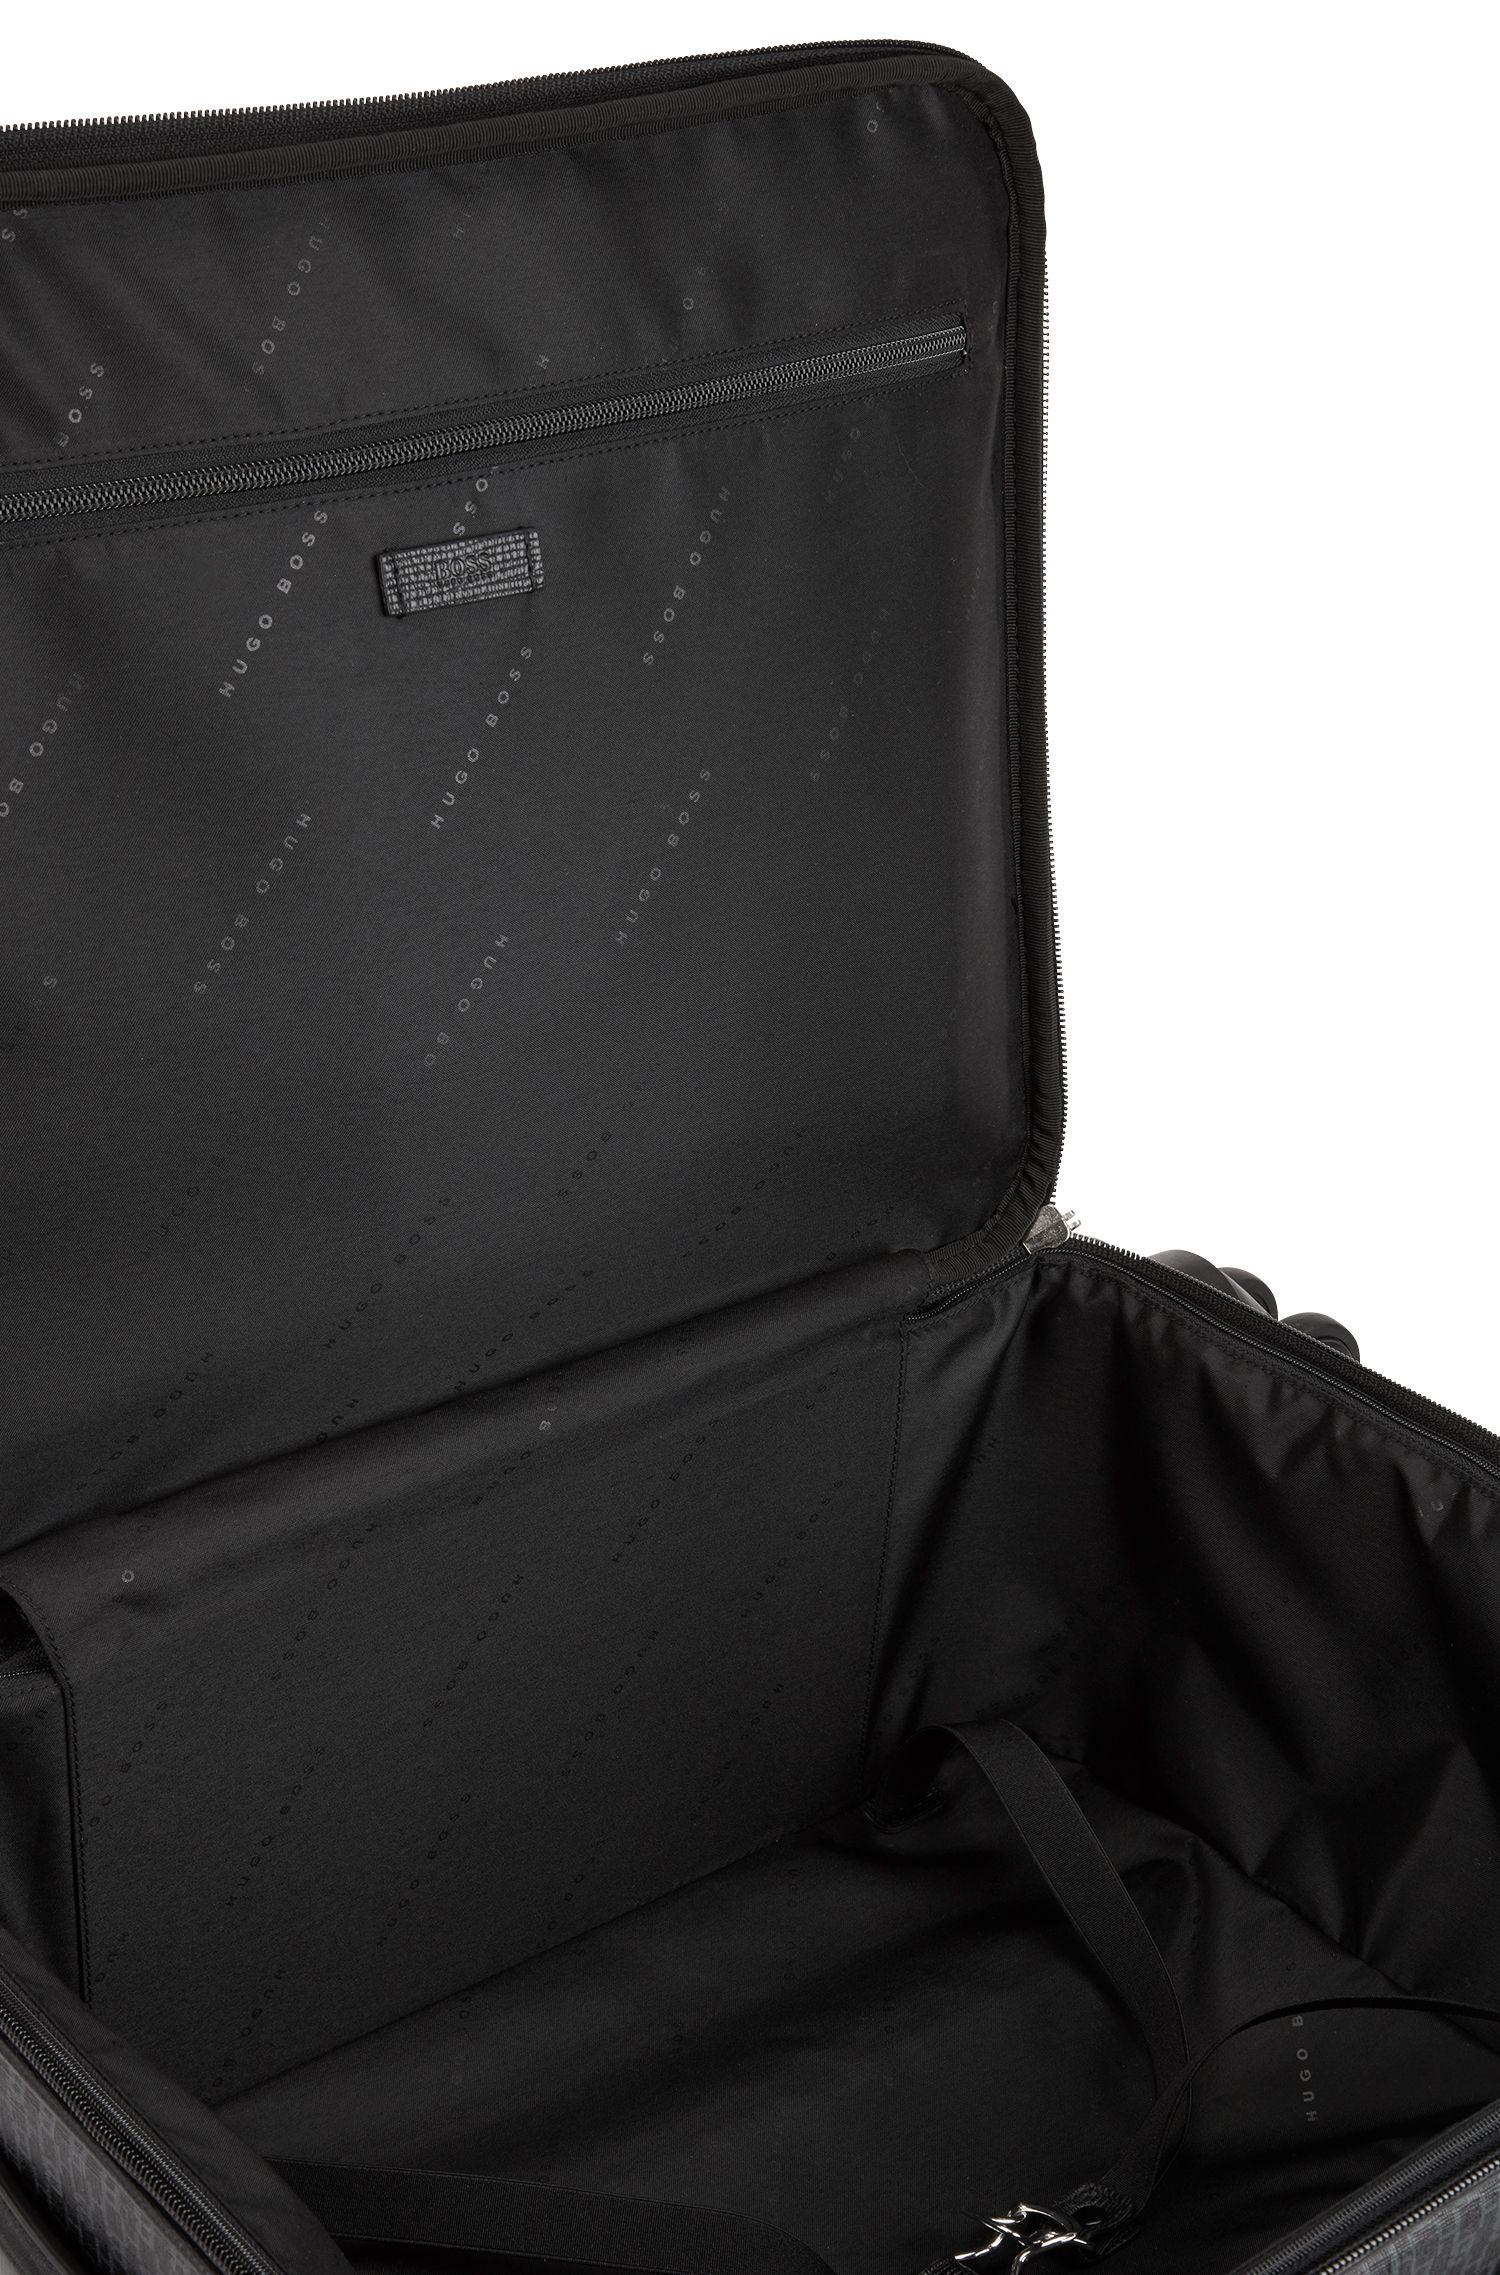 Handgepäck-Trolley aus italienischem Material-Mix mit Monogramm-Prägung, Schwarz